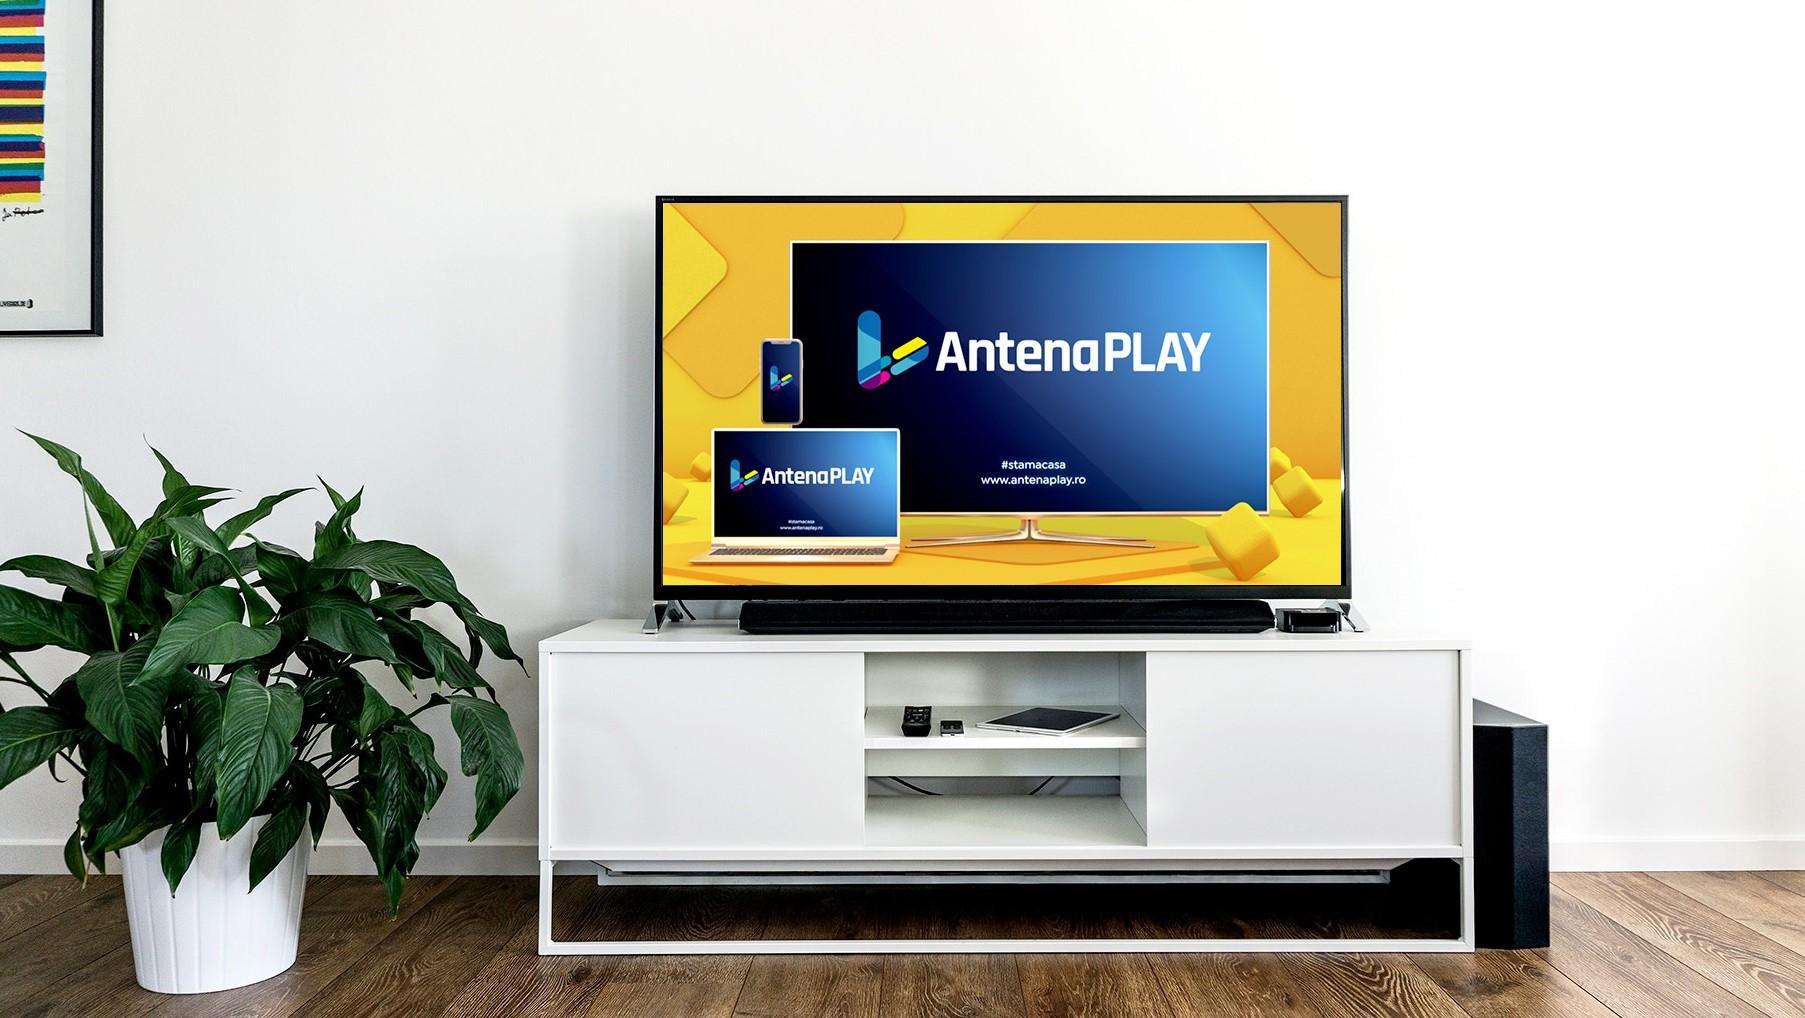 AntenaPlay le oferã utilizatorilor, gratuit, cea mai mare porţie de divertisment